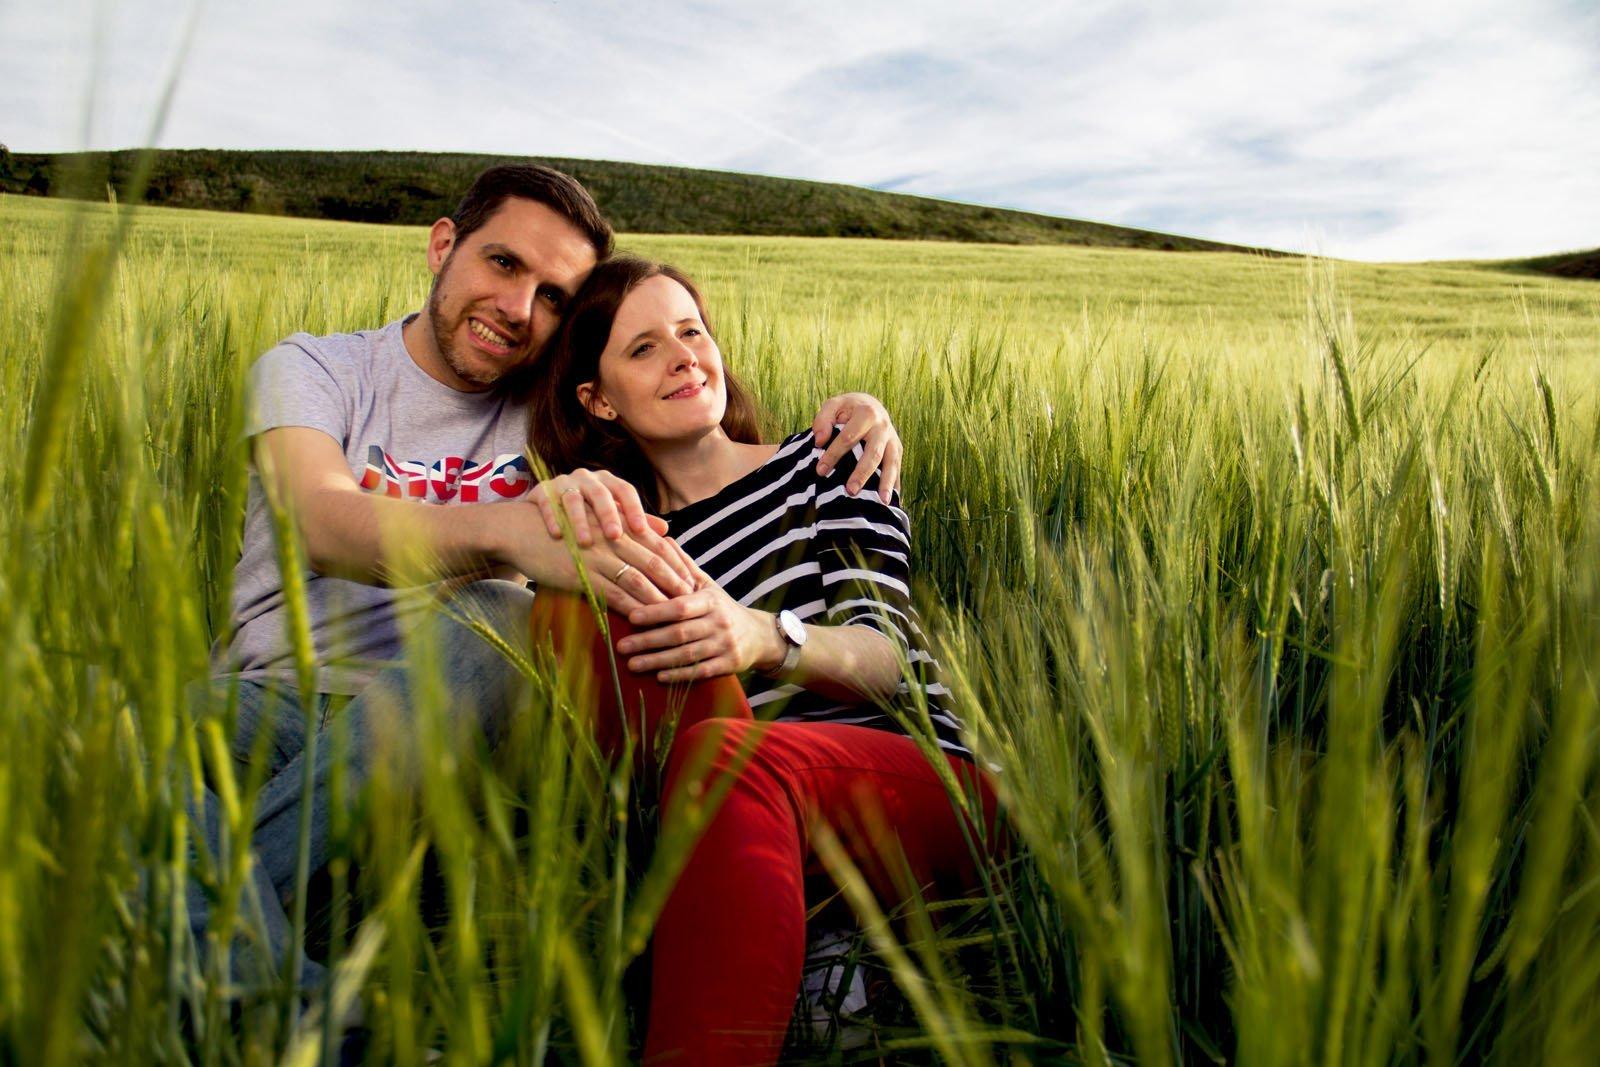 matrimonioenpositivo Matrimonio en Positivo